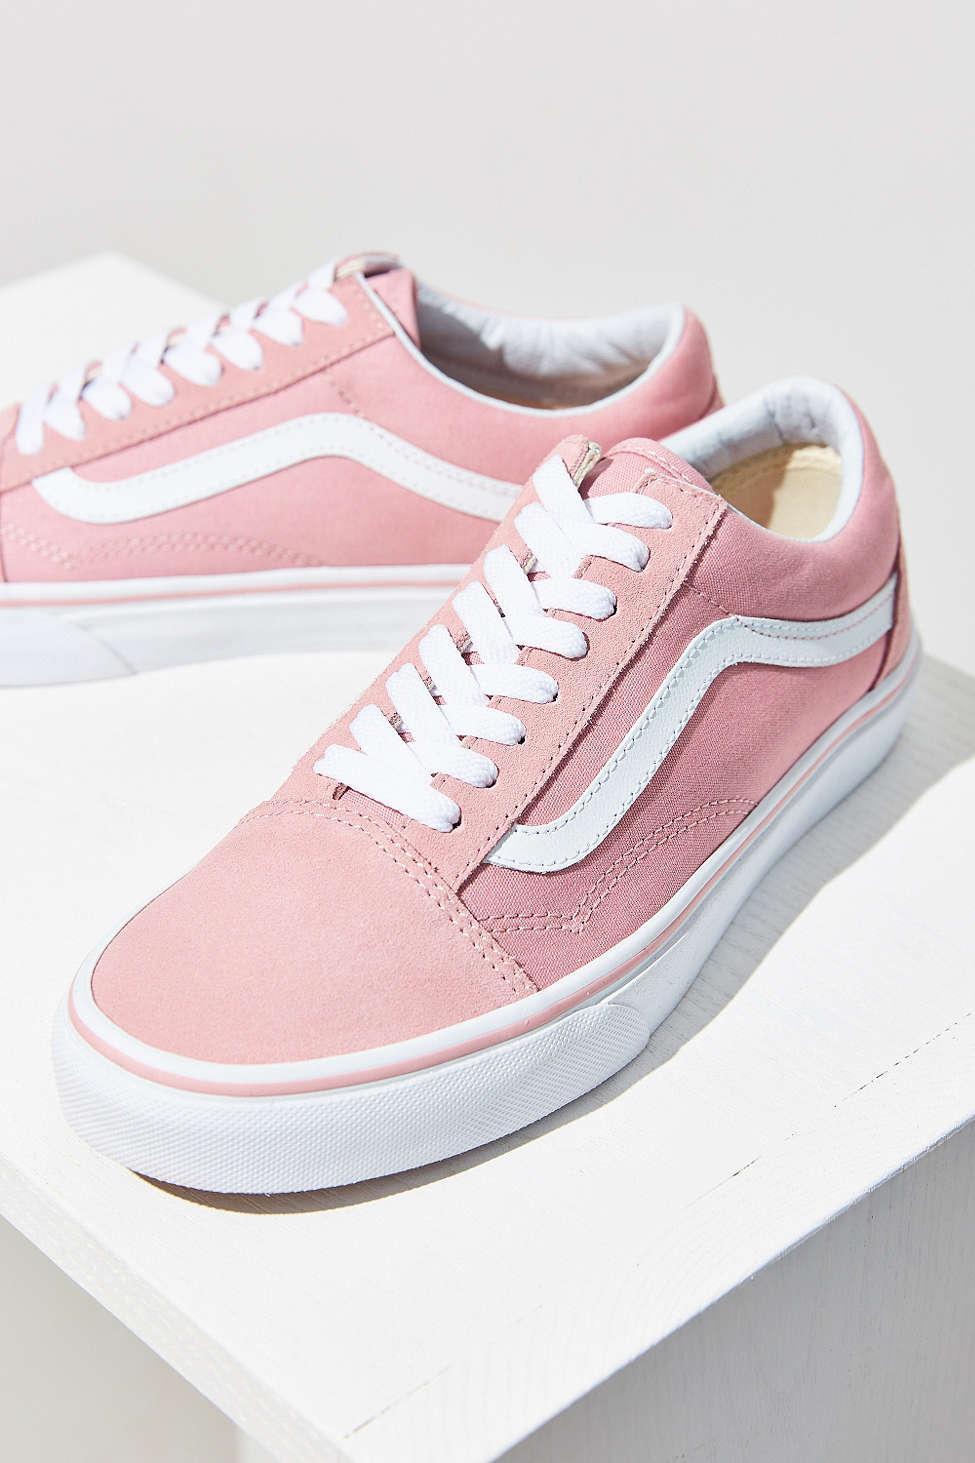 b907b85c7b Vans Old Skool Pink